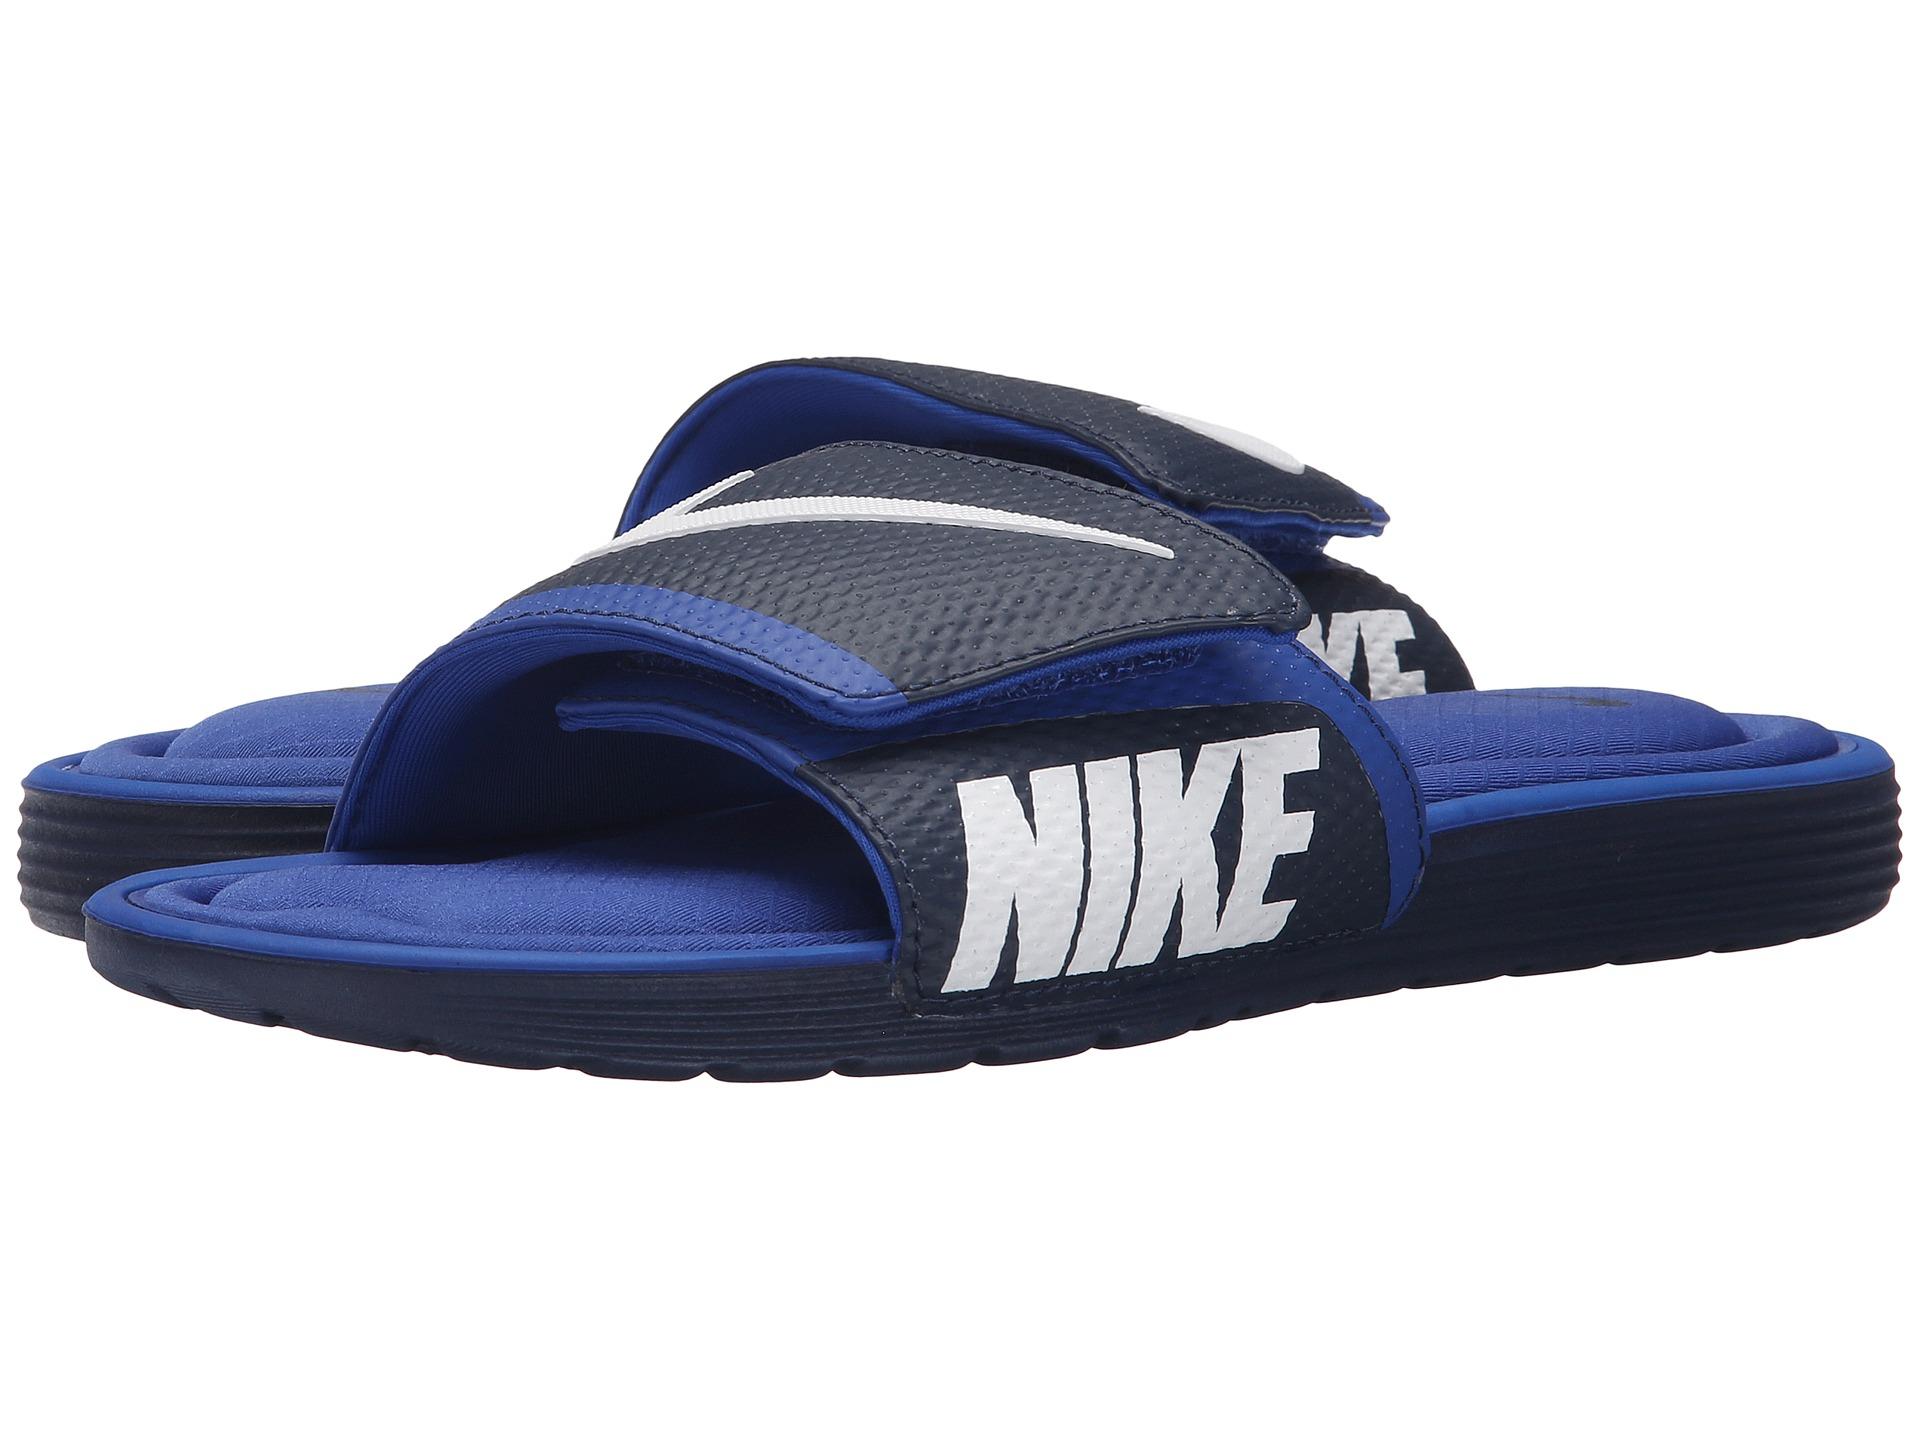 Nike Solarsoft Comfort Slide In Blue For Men Lyst